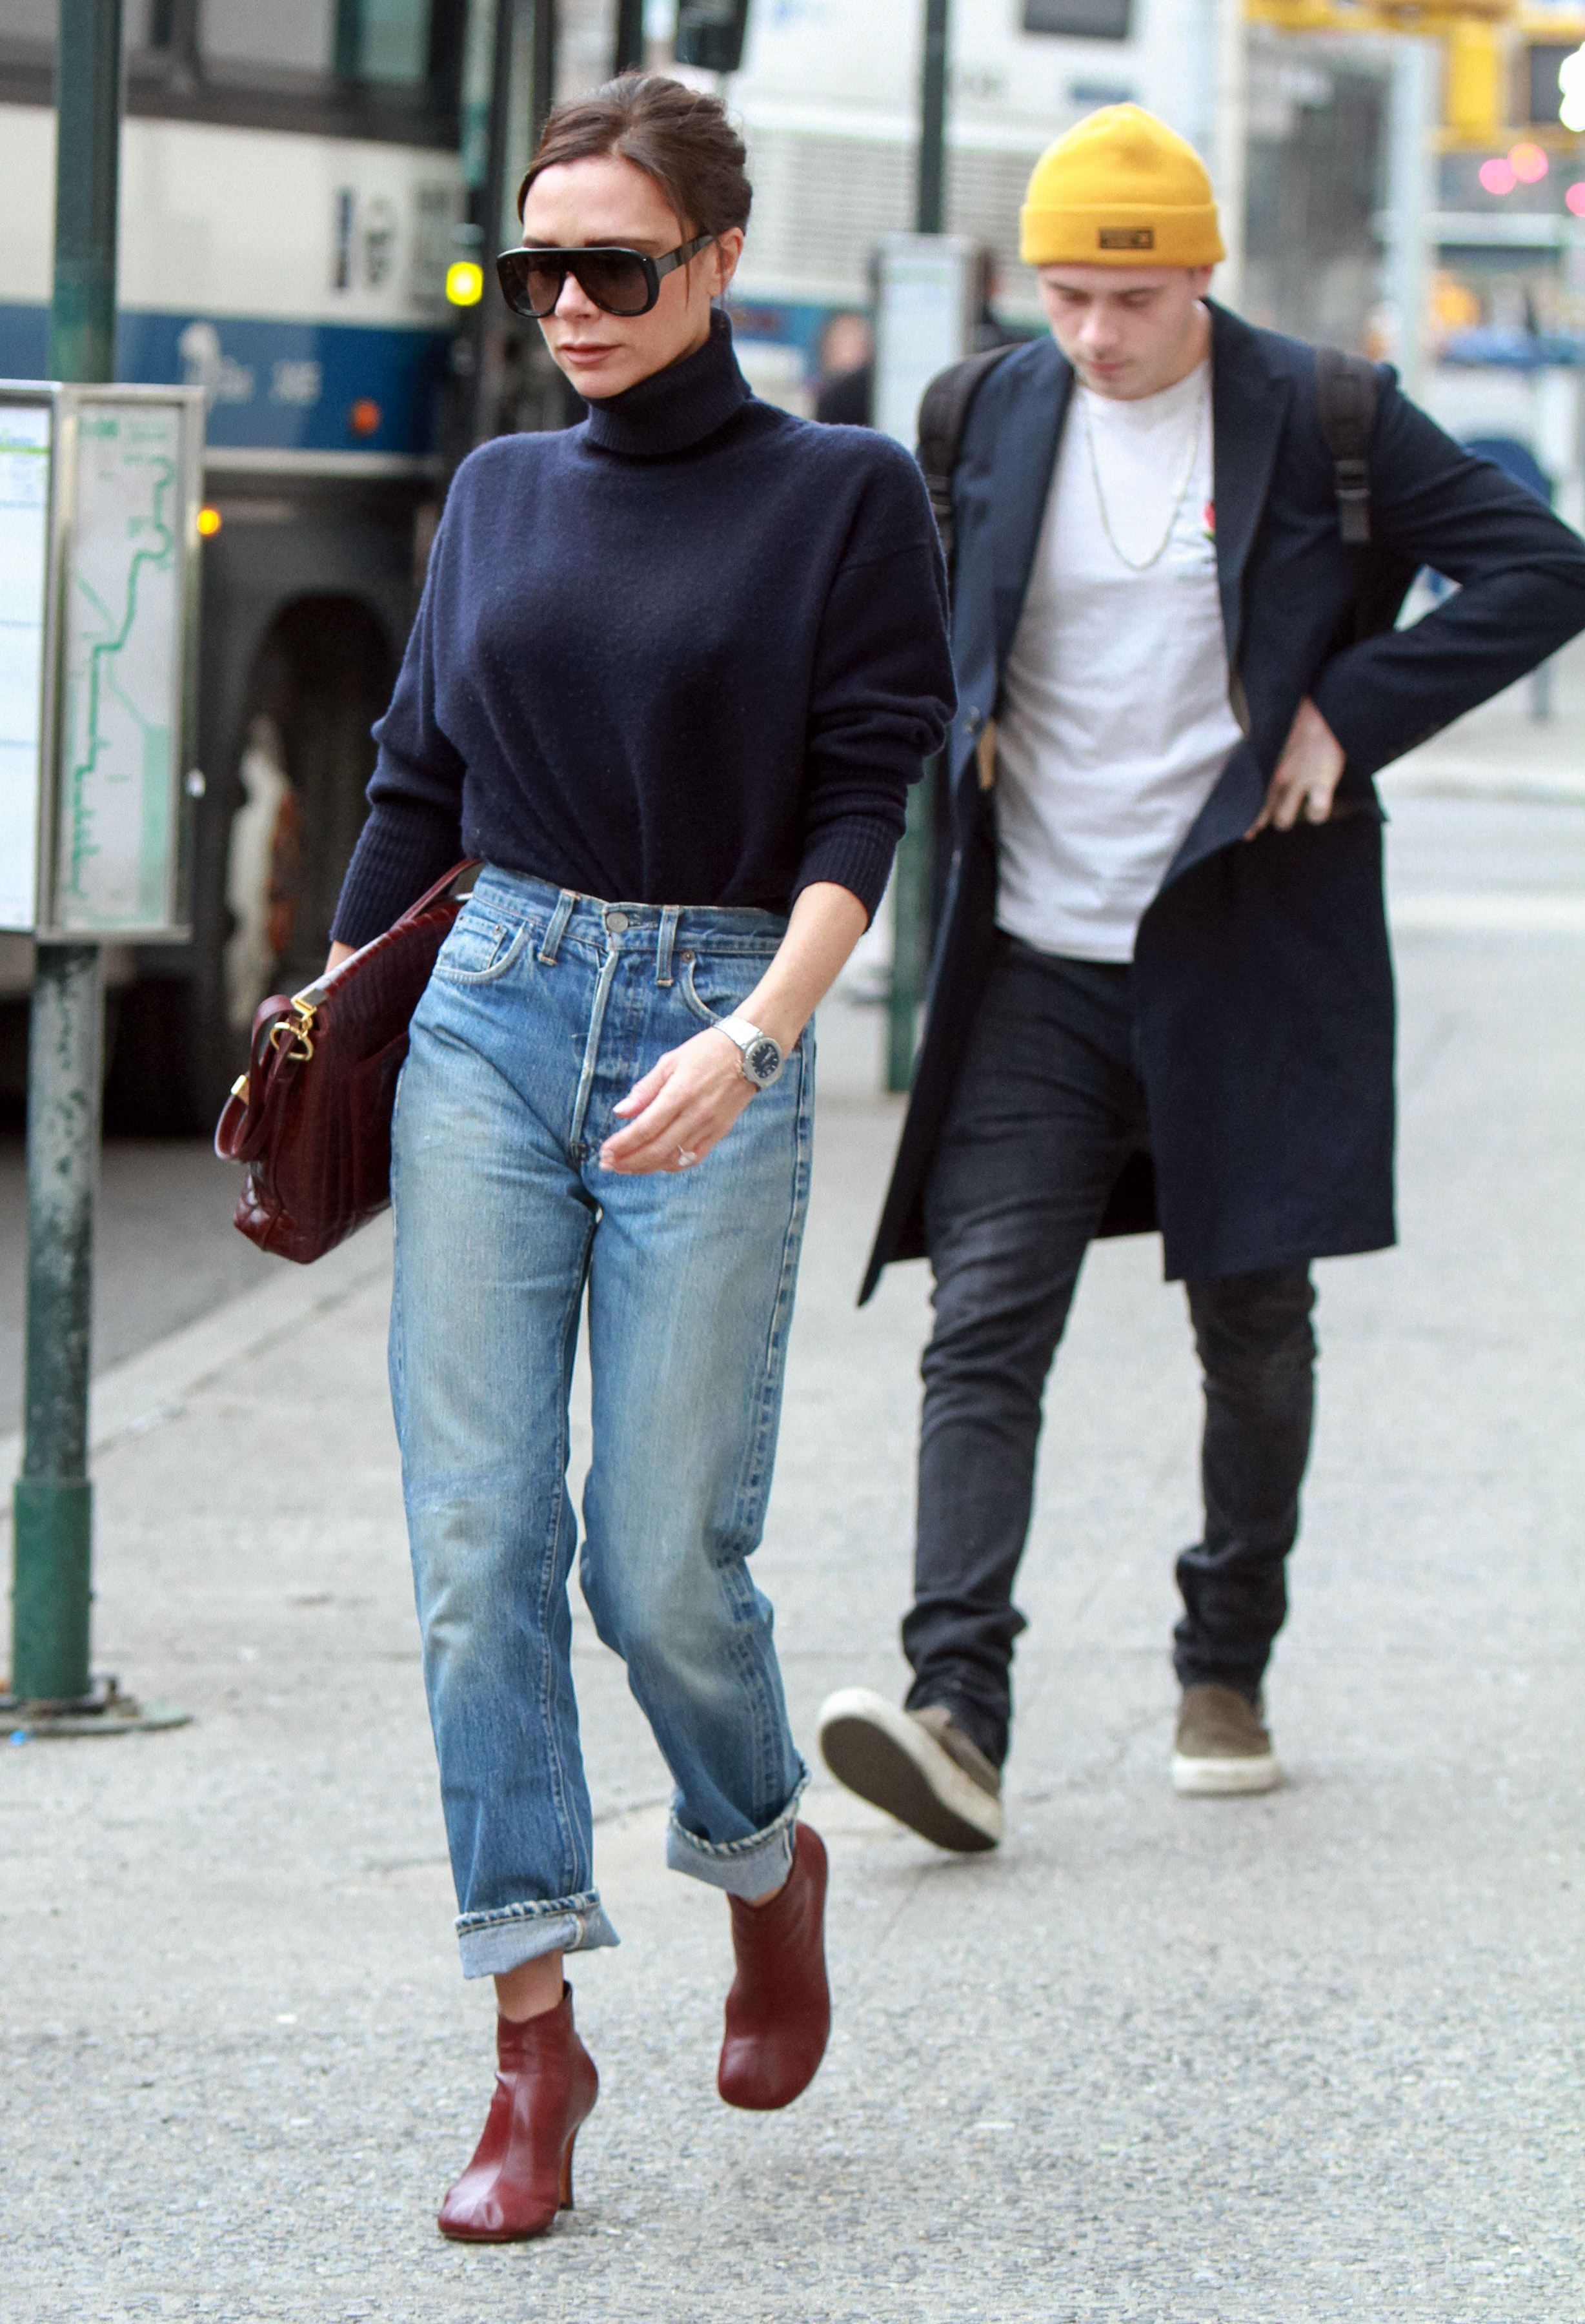 phối áo cổ cao cùng quần jeans ống rộng